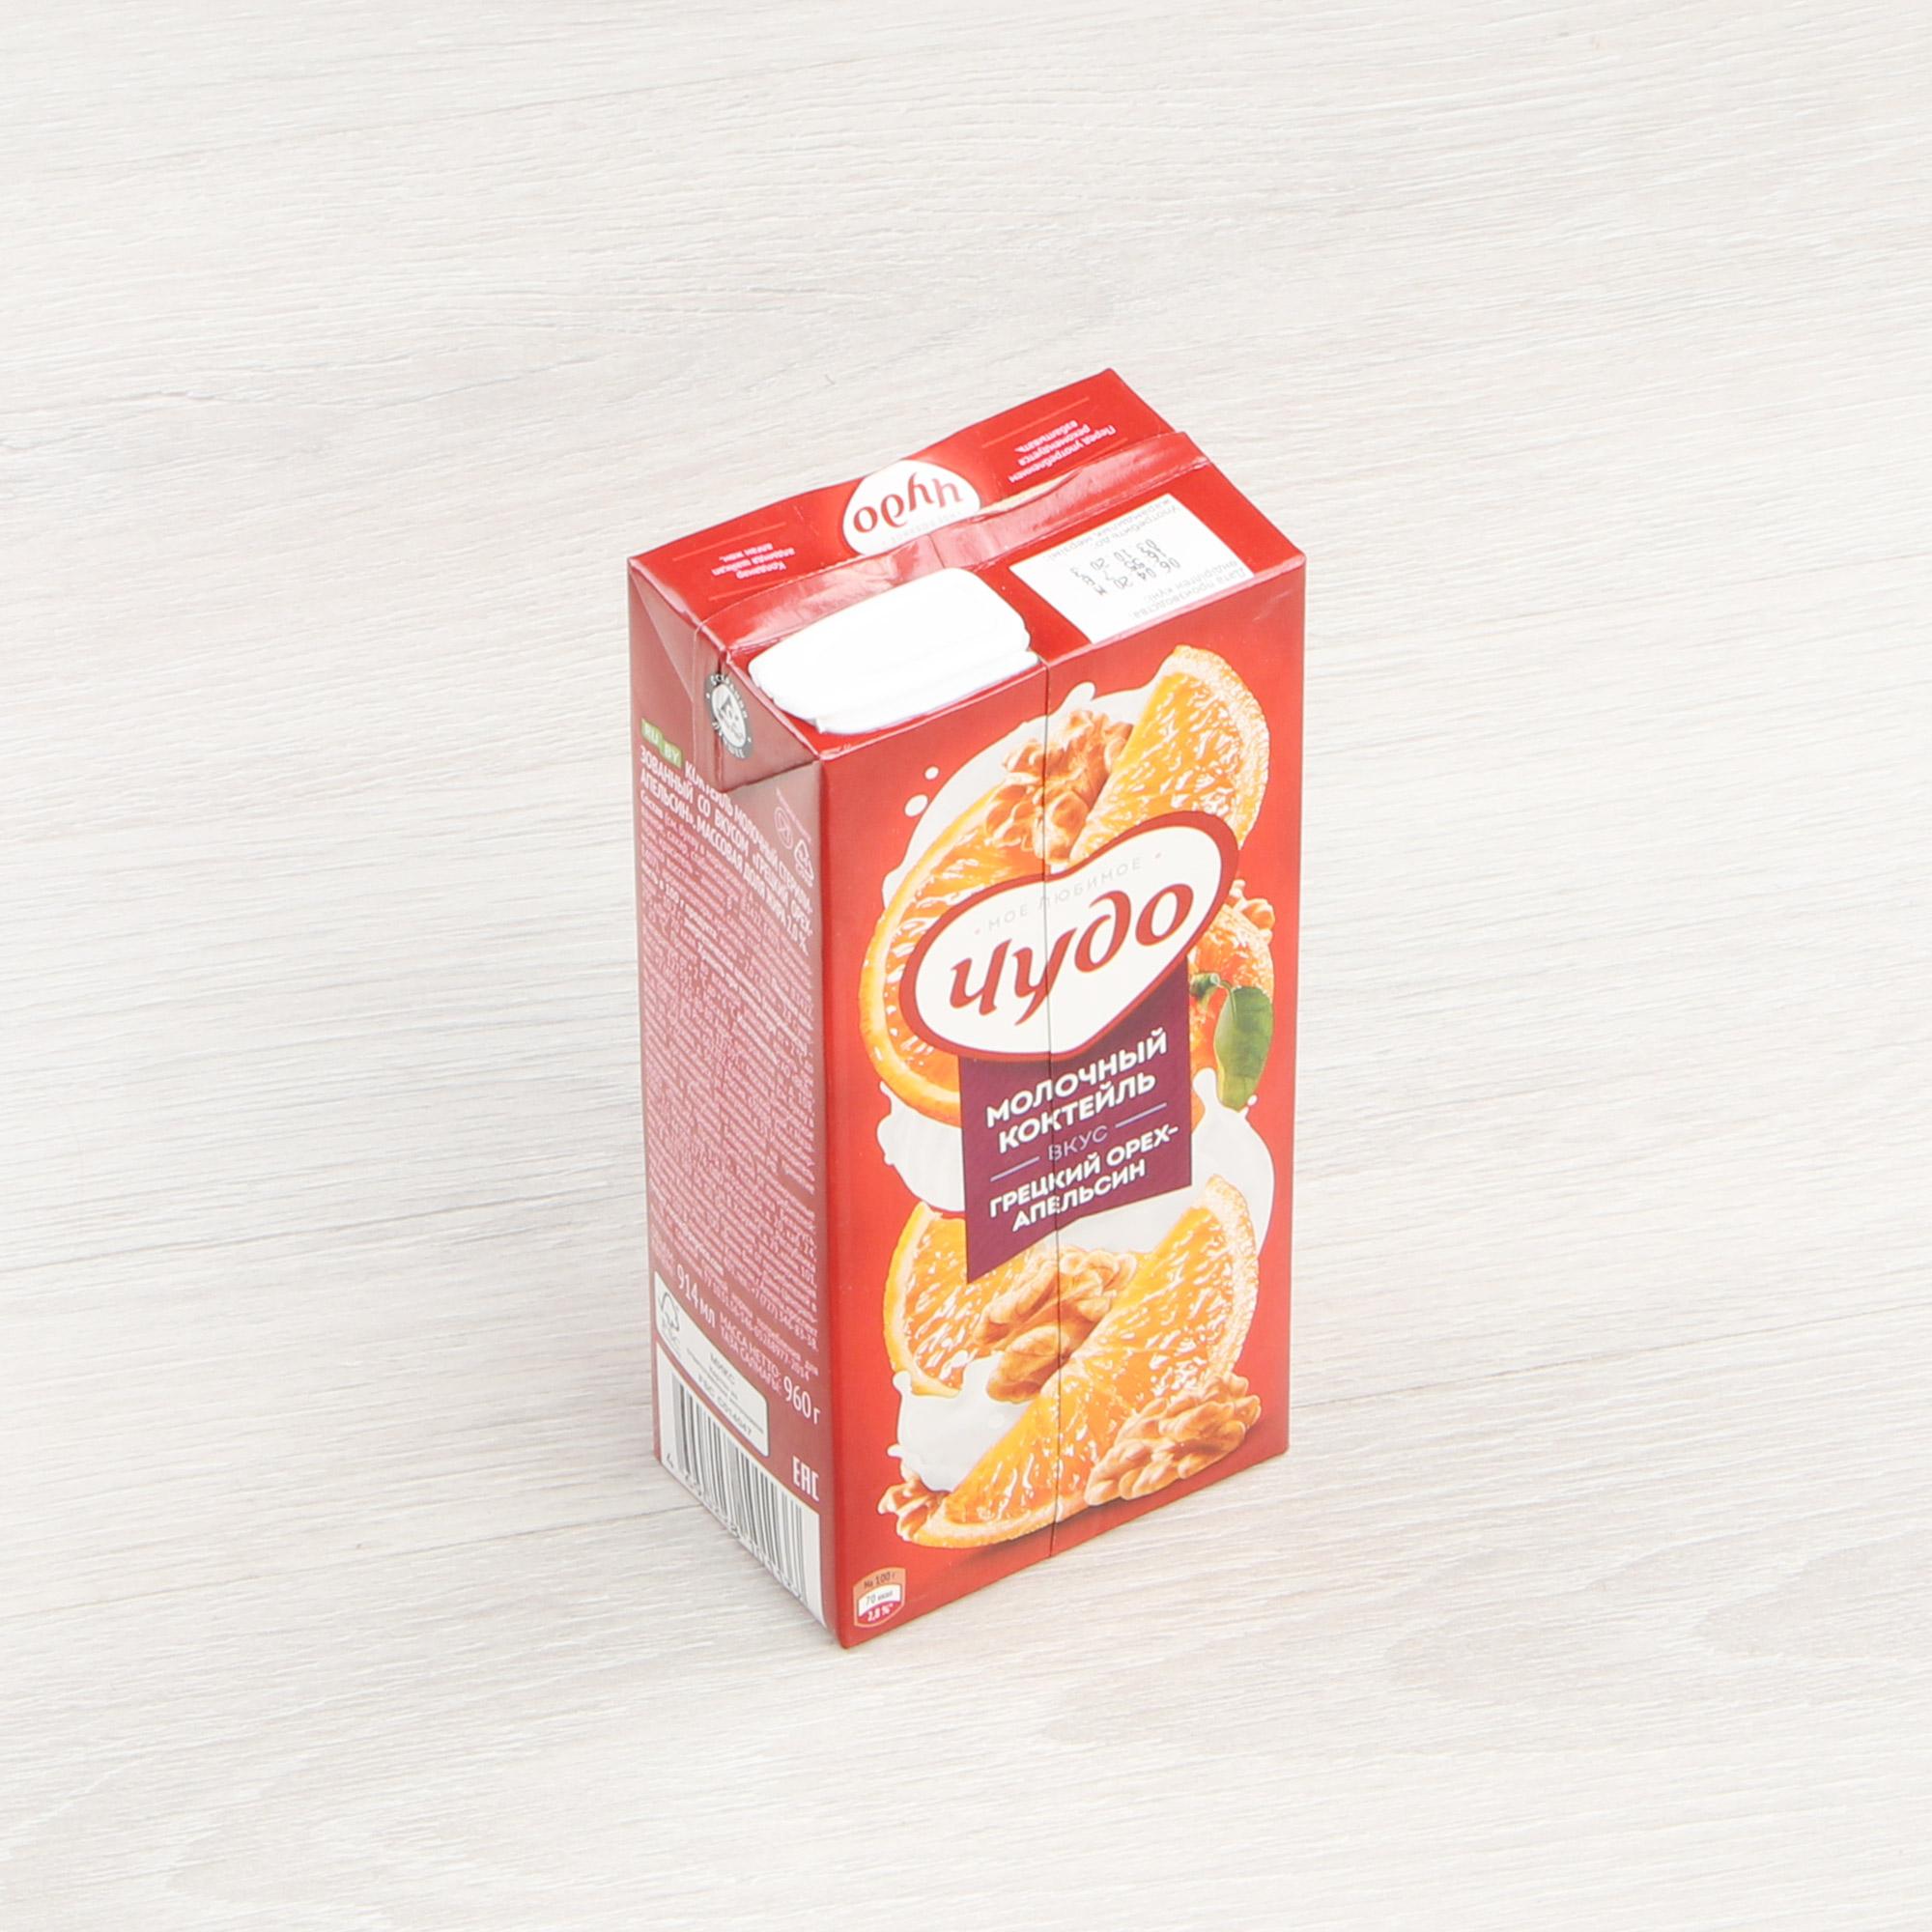 шоколад вдохновение грецкий орех грильяж 100 г Коктейль Чудо грецкий орех, апельсин 2% 960 г